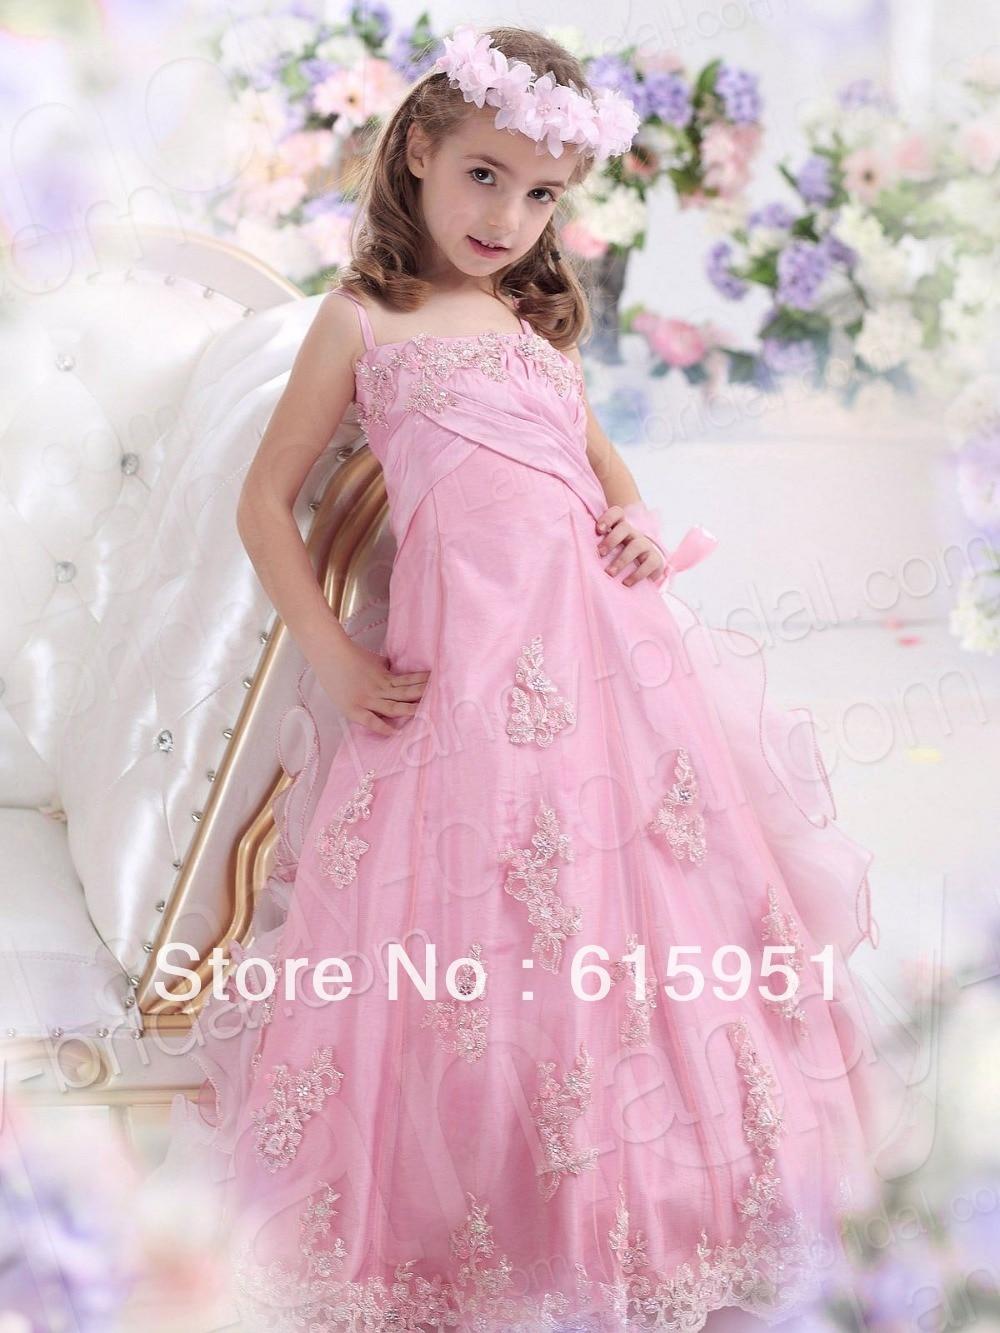 Asombroso Jordan Vestido De Dama 531 Fotos - Ideas de Estilos de ...